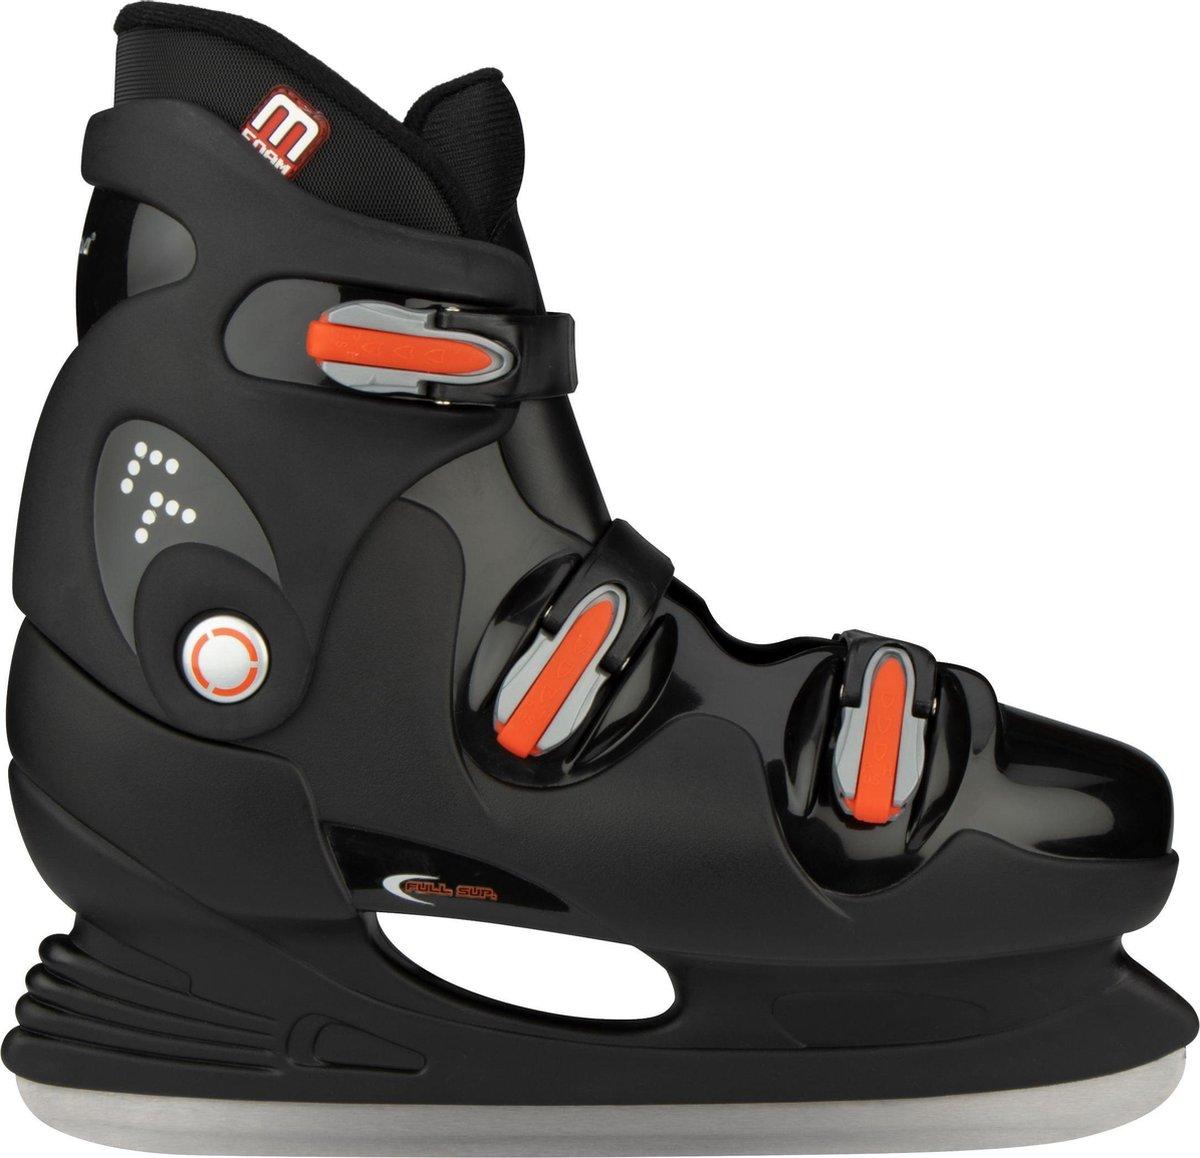 Nijdam 0089 IJshockeyschaats - Hardboot - Zwart/Rood - Maat 39